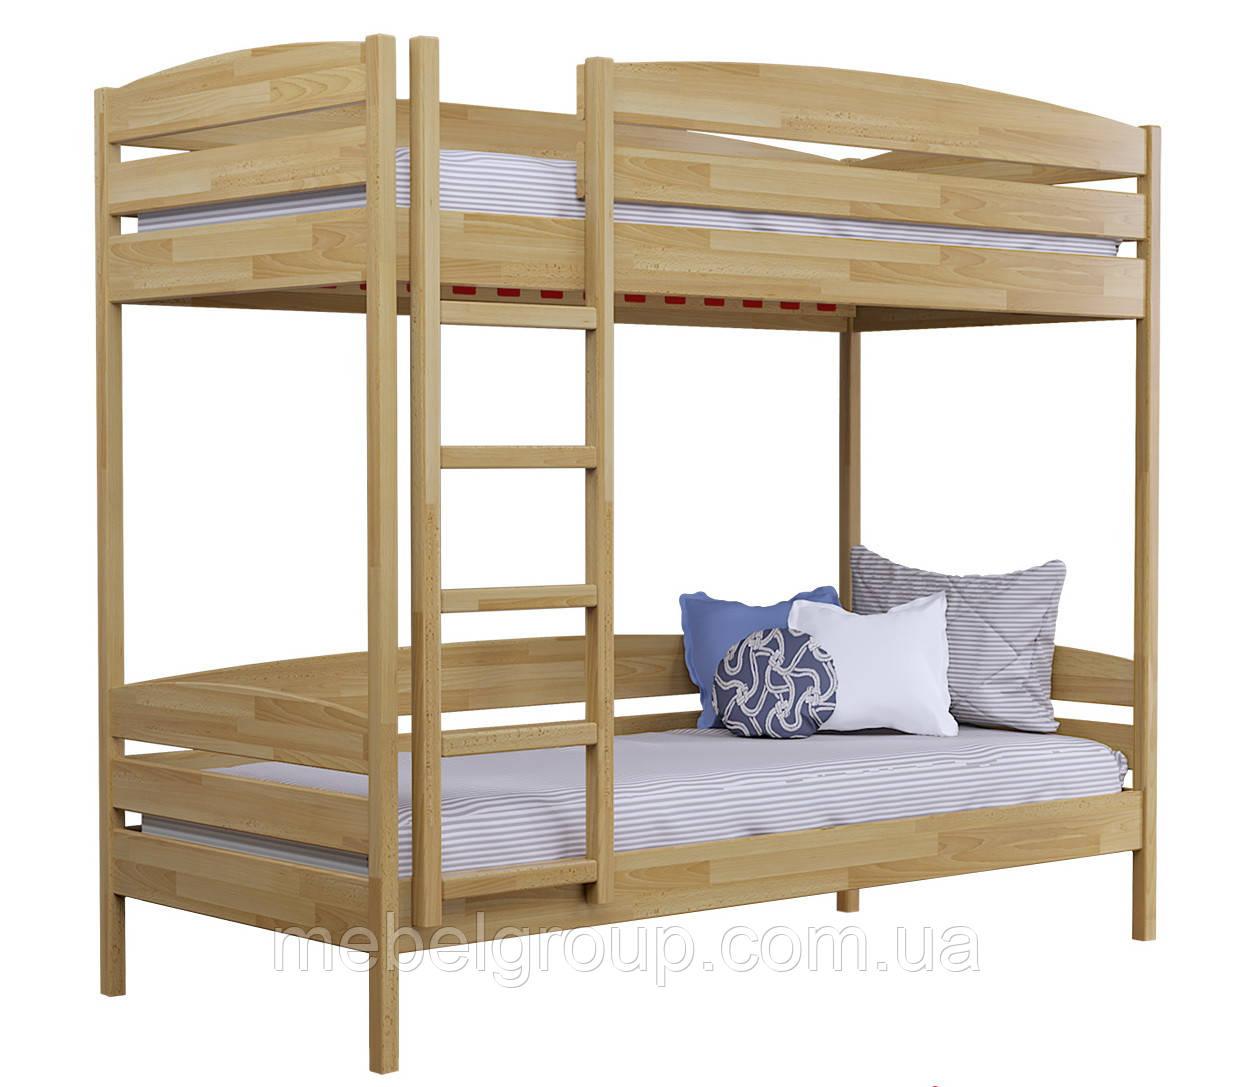 Двоярусне ліжко Дует Плюс 80х190 Щит